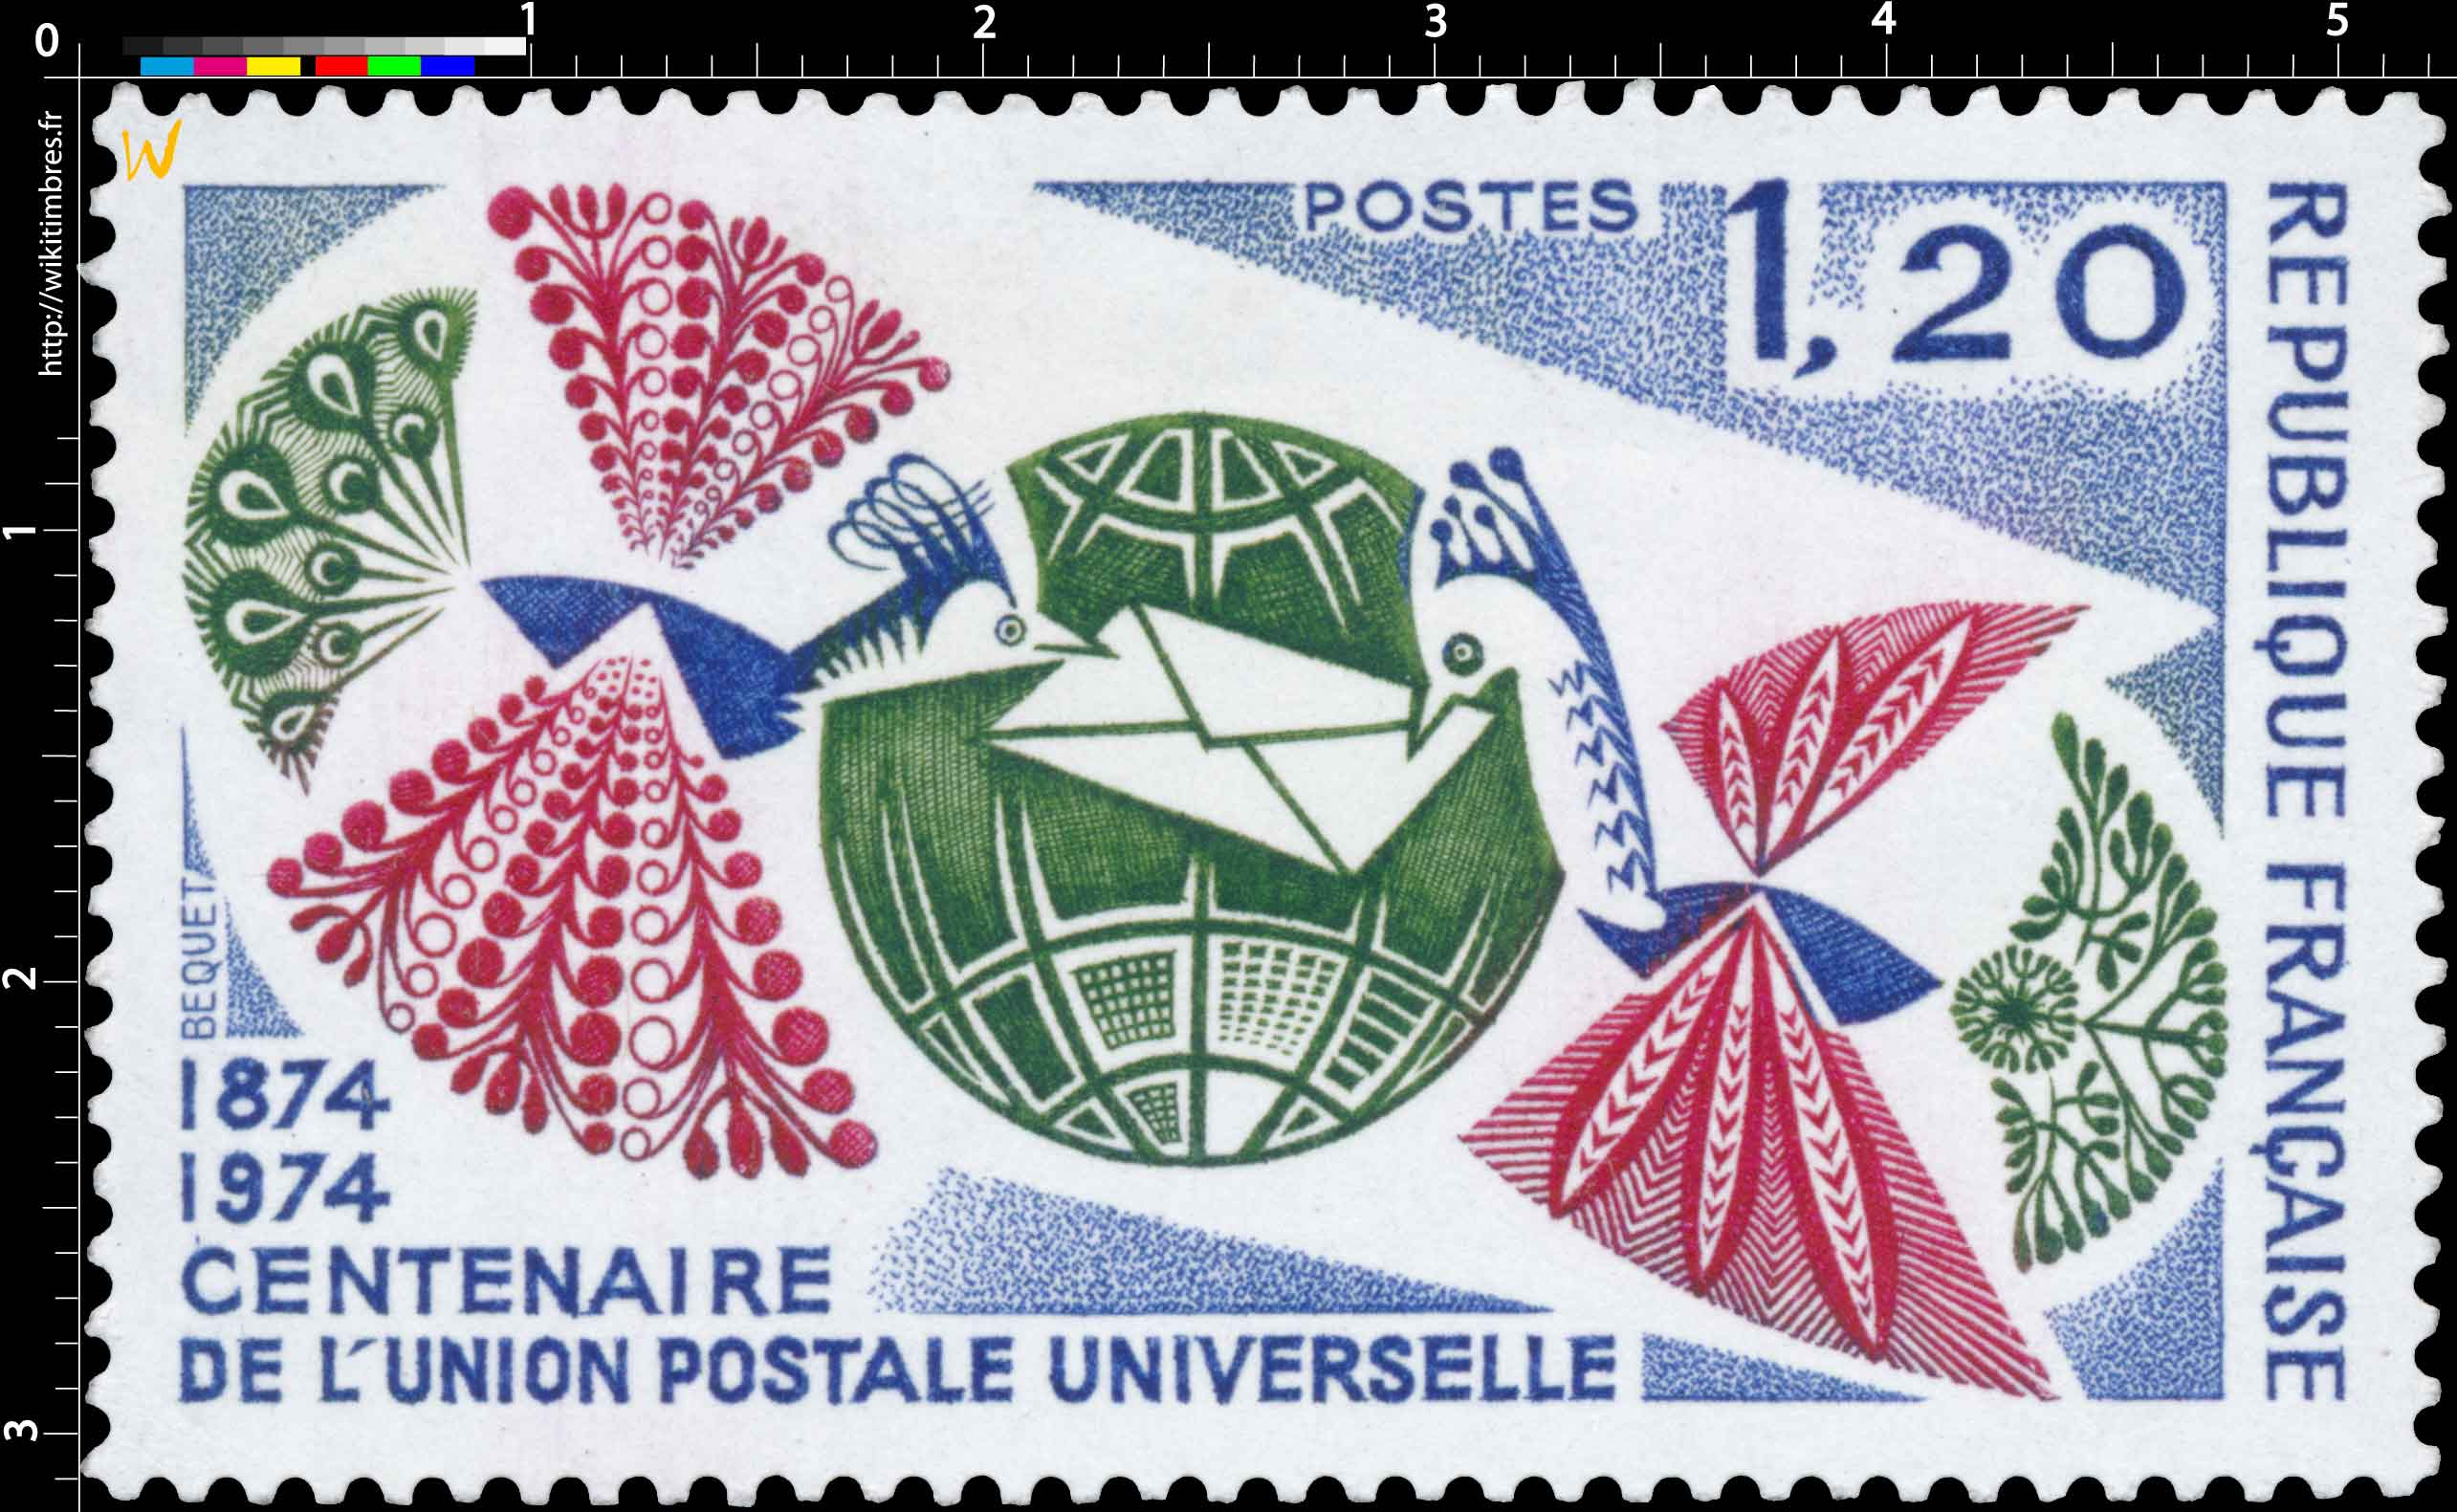 CENTENAIRE DE L'UNION POSTALE UNIVERSELLE 1874-1974